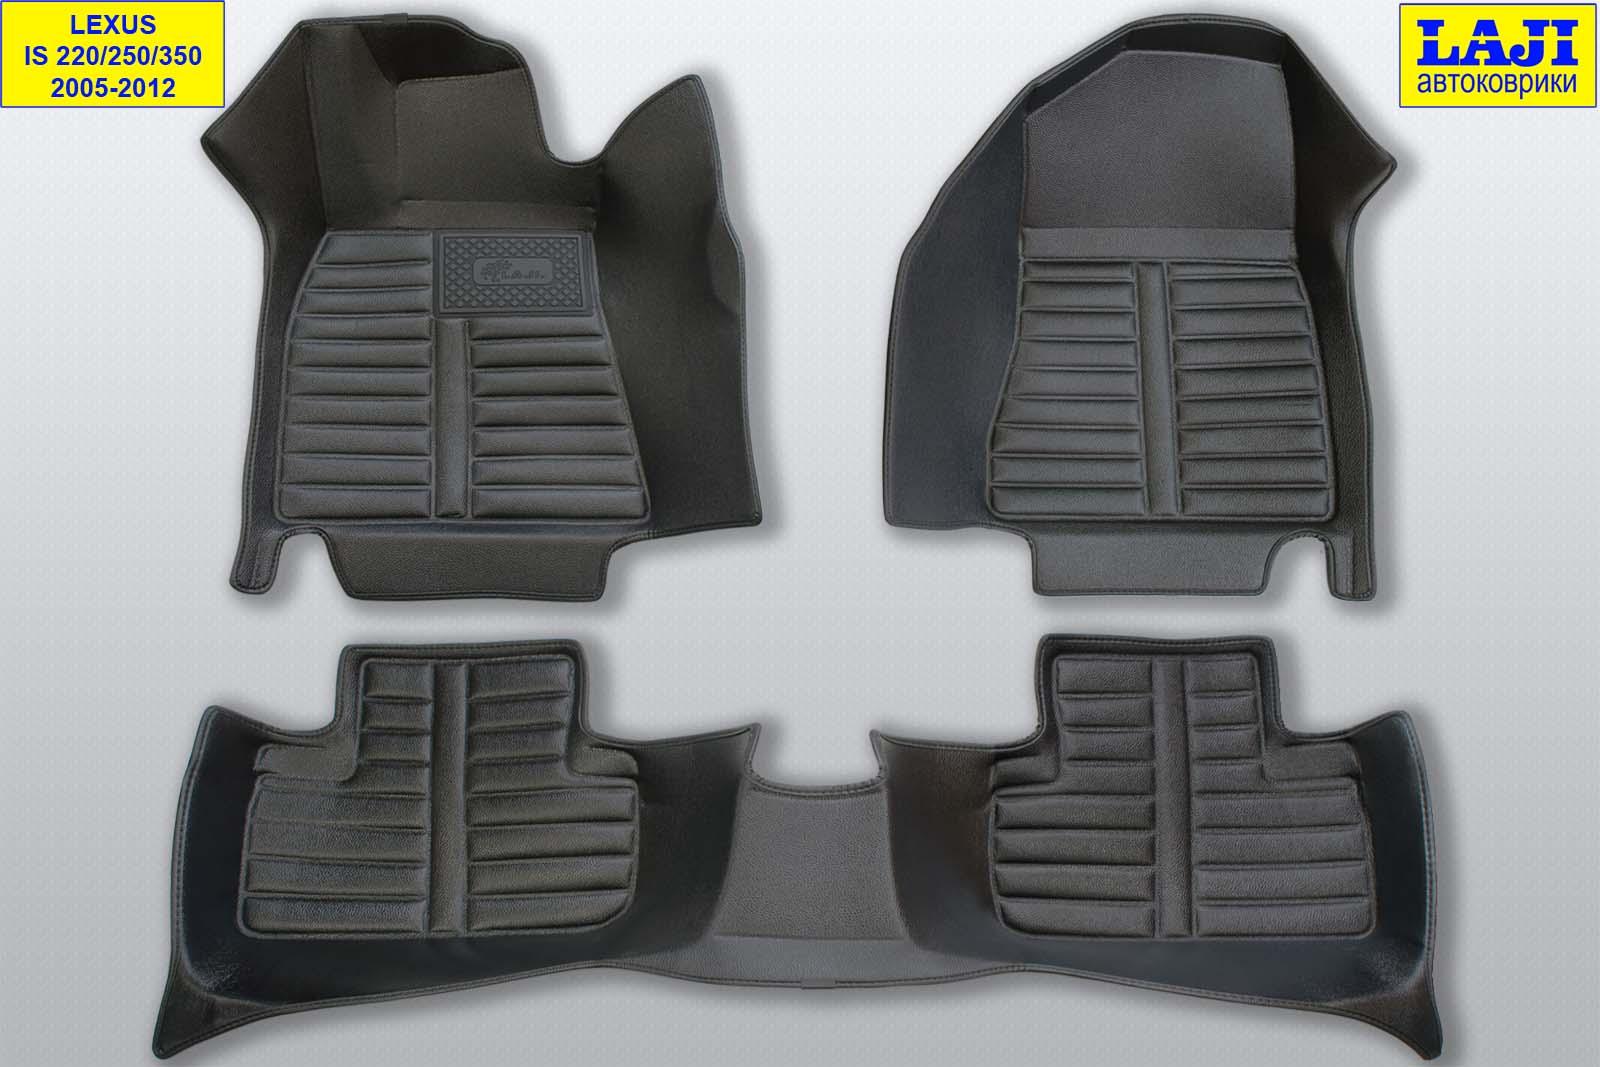 5D коврики в салон Lexus IS 3 2013-н.в. 1